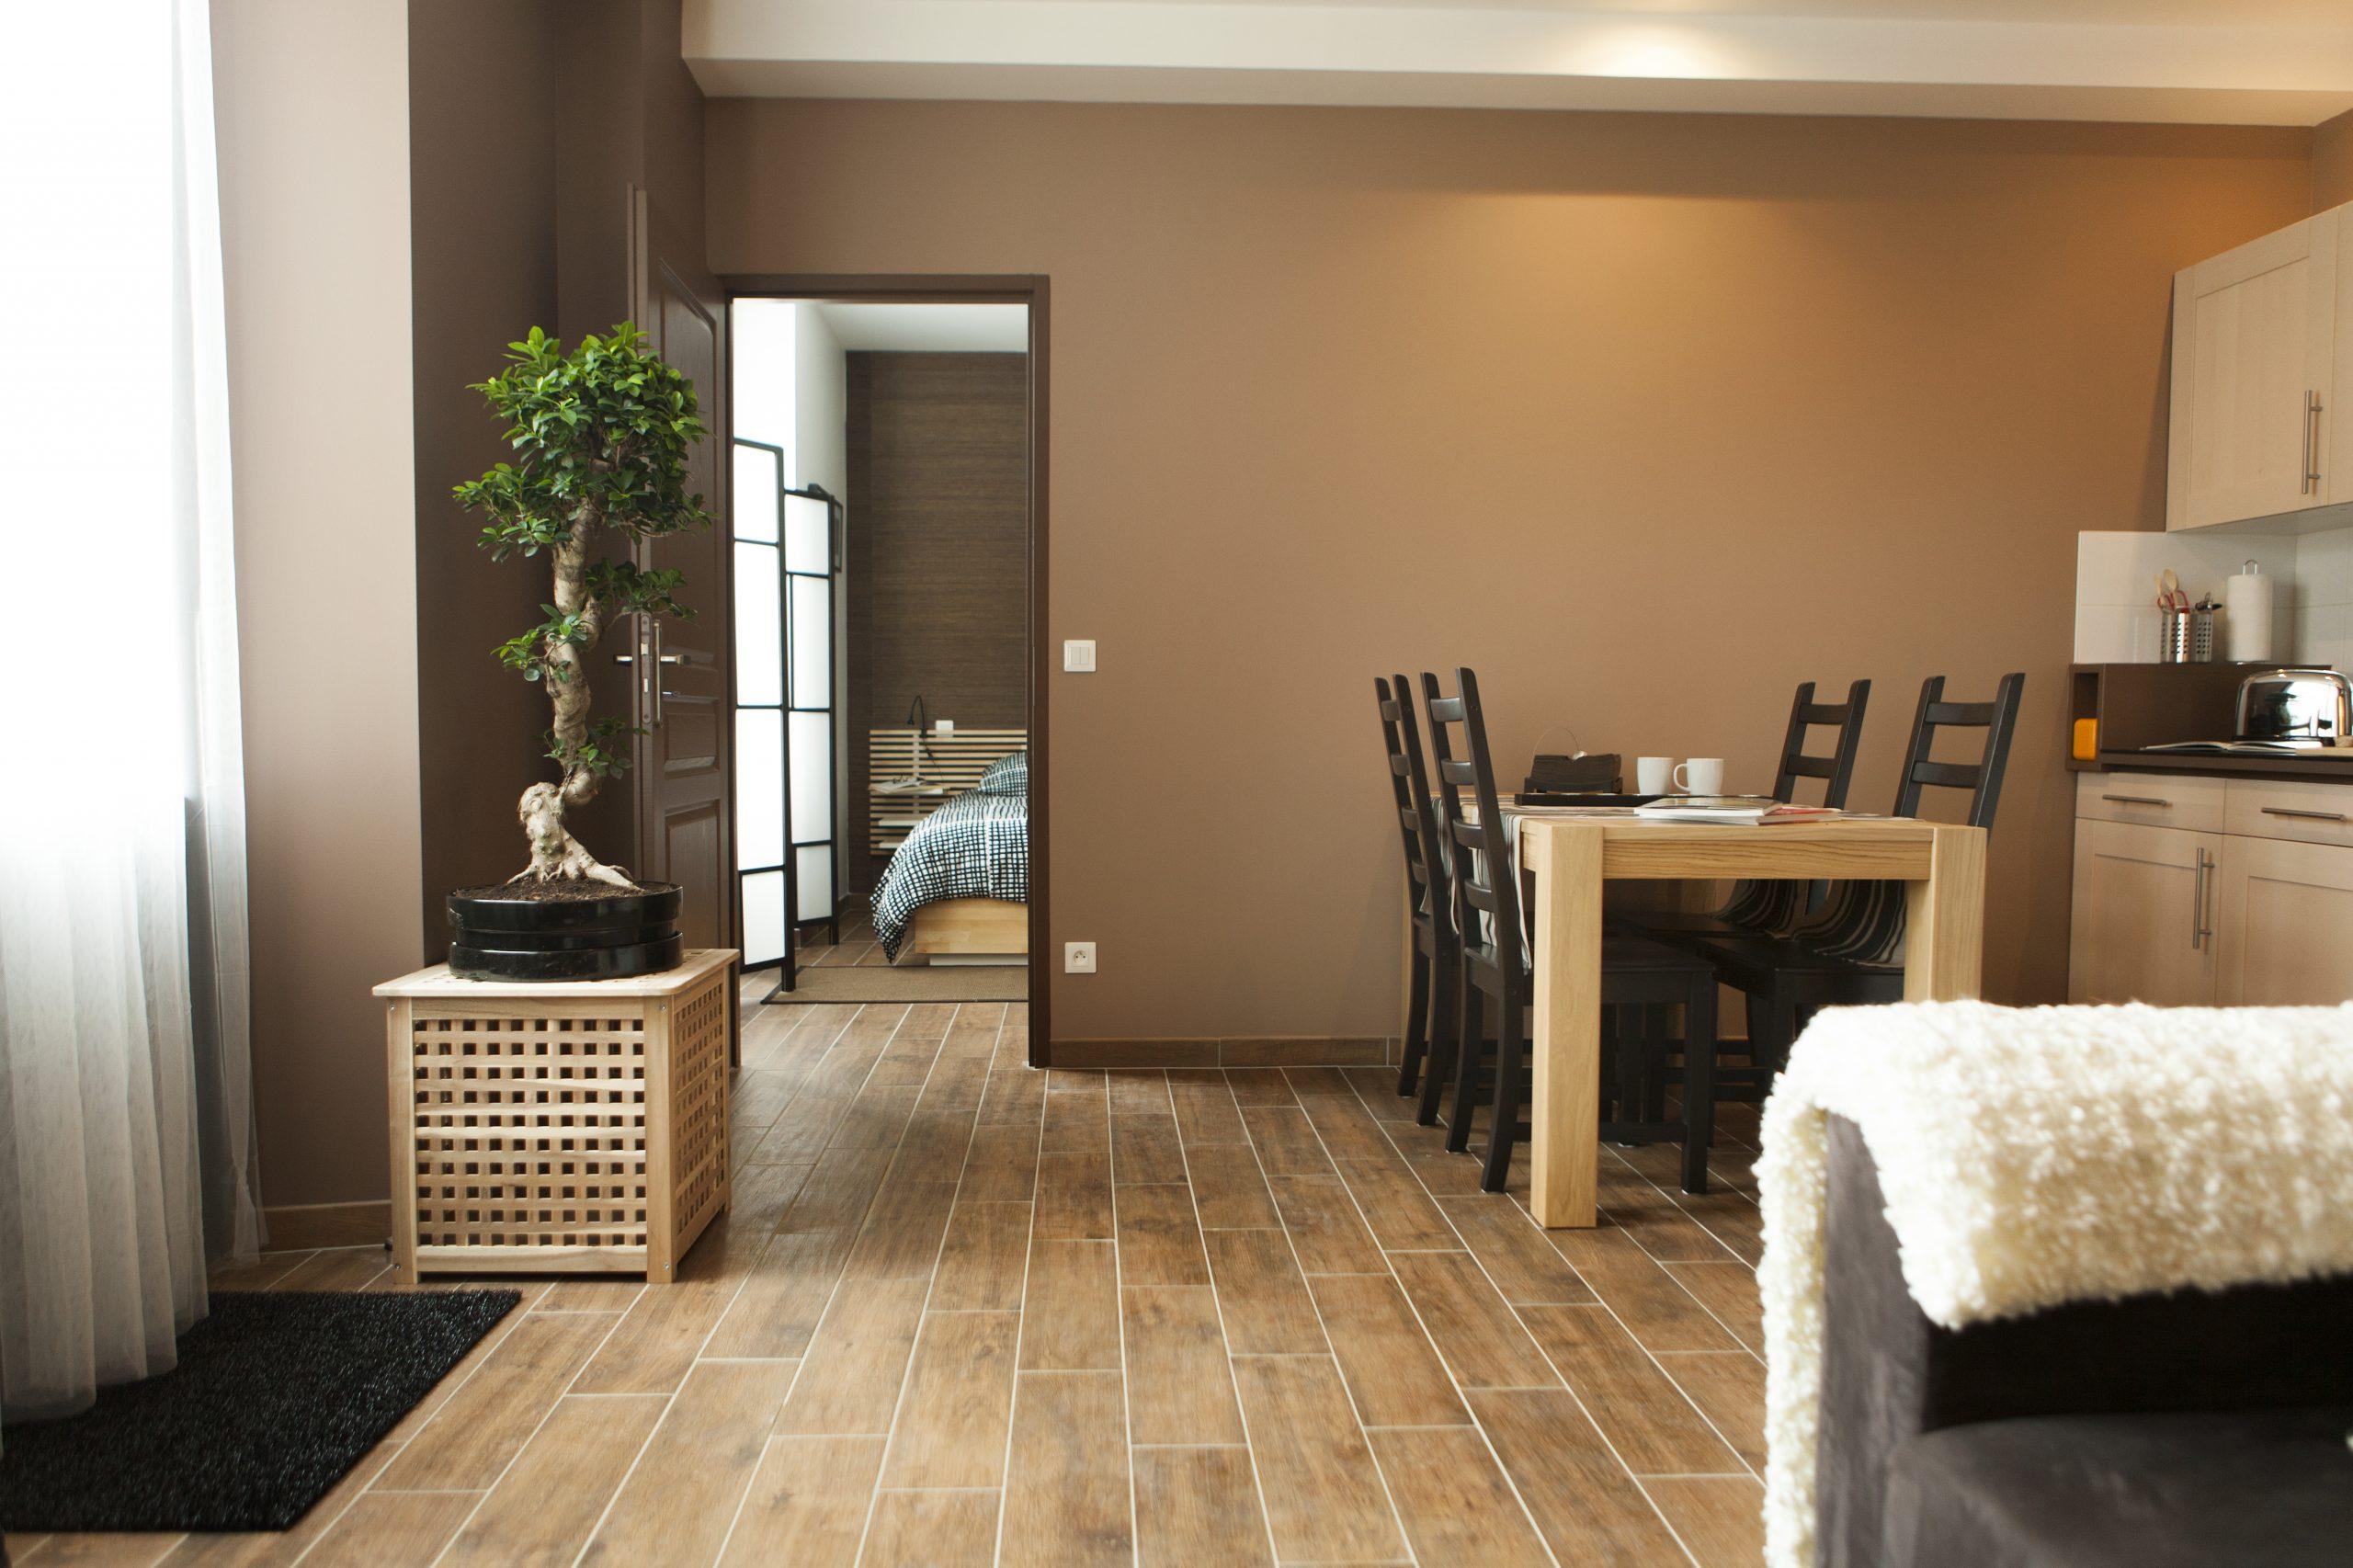 Appartement 41m² T2 Entièrement rénové vendu meublé